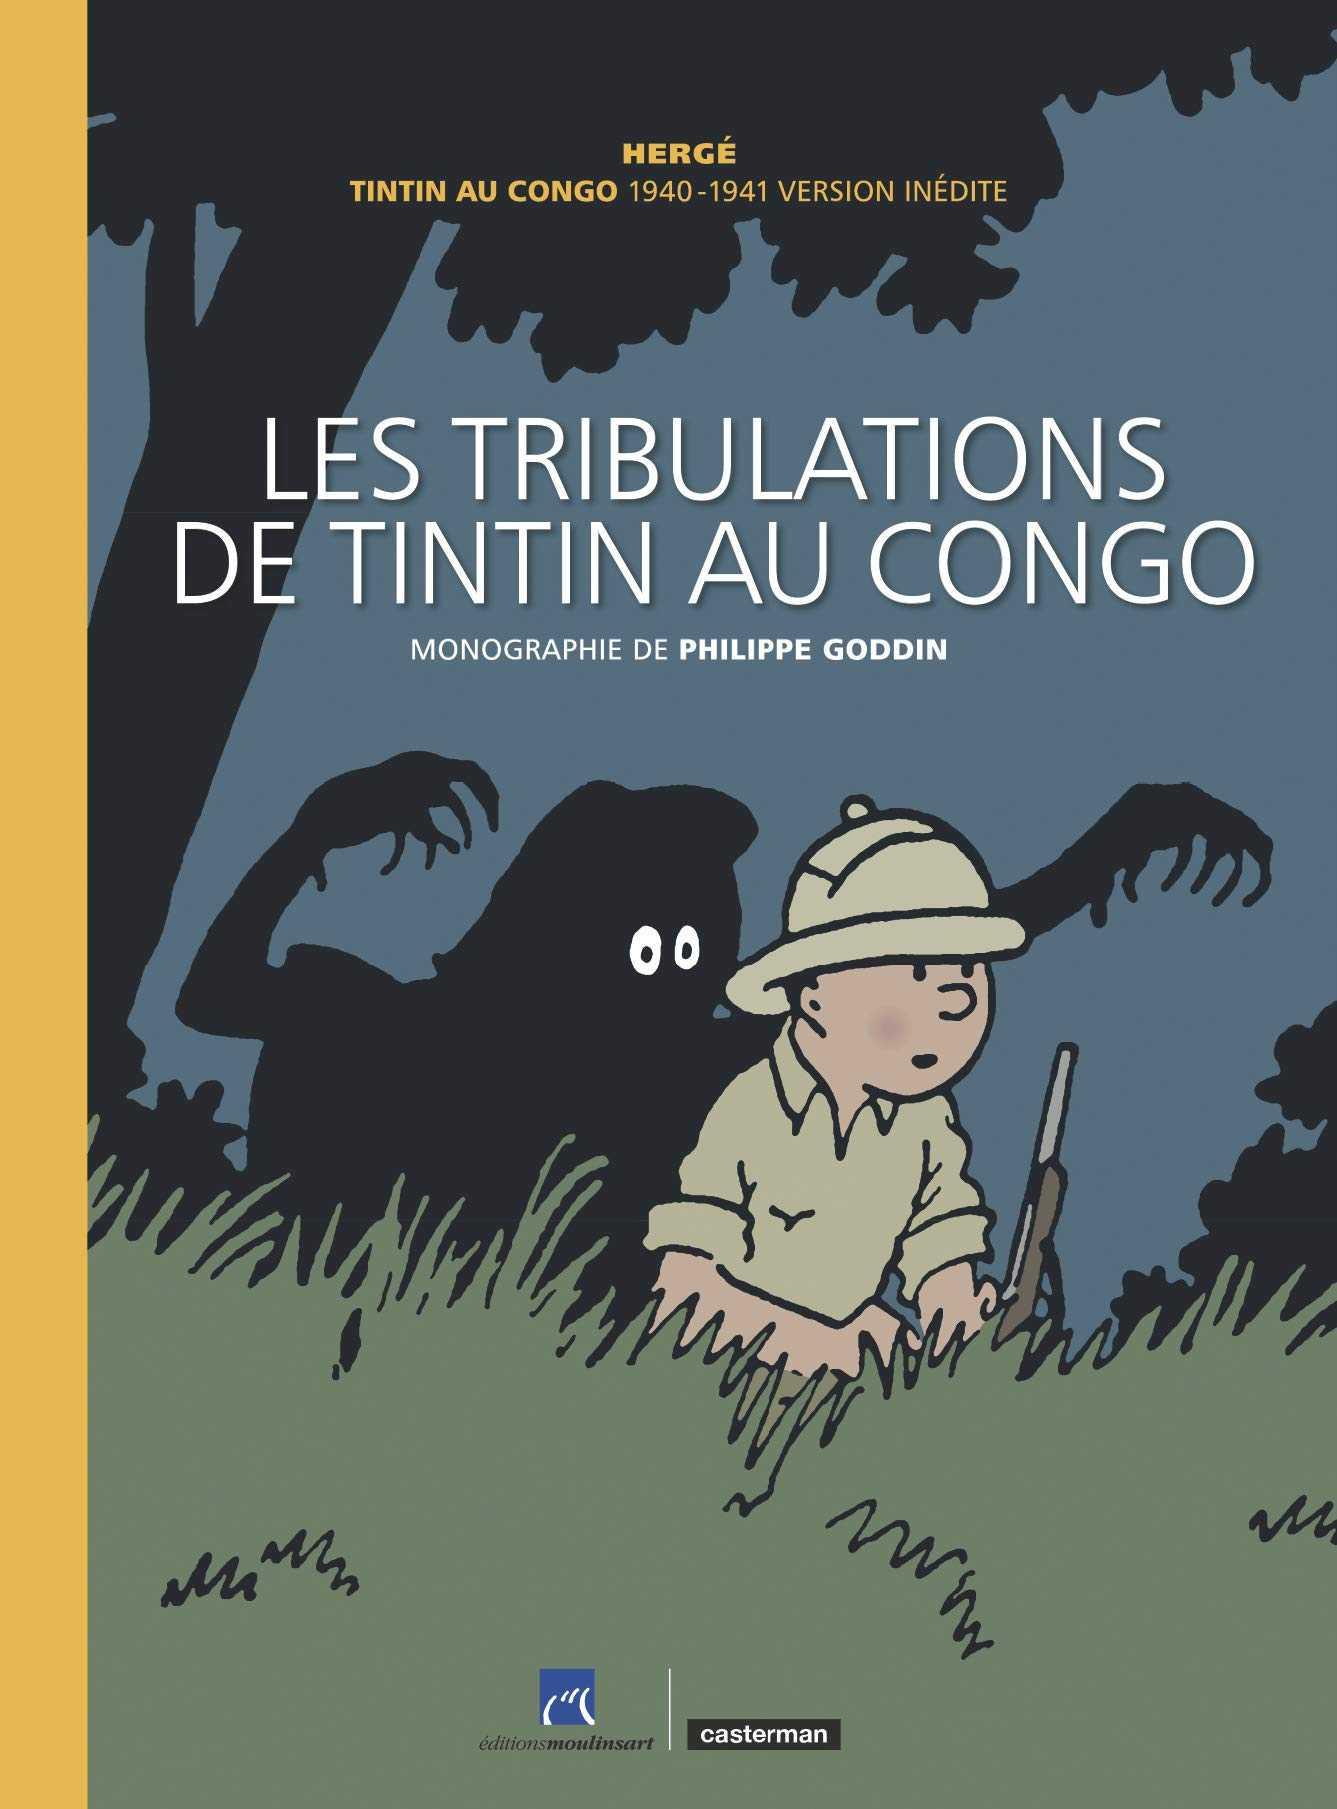 Alix, Tintin, Mozart ou Schuiten, Rochette, Perriot, des cadeaux de Noël signés Casterman